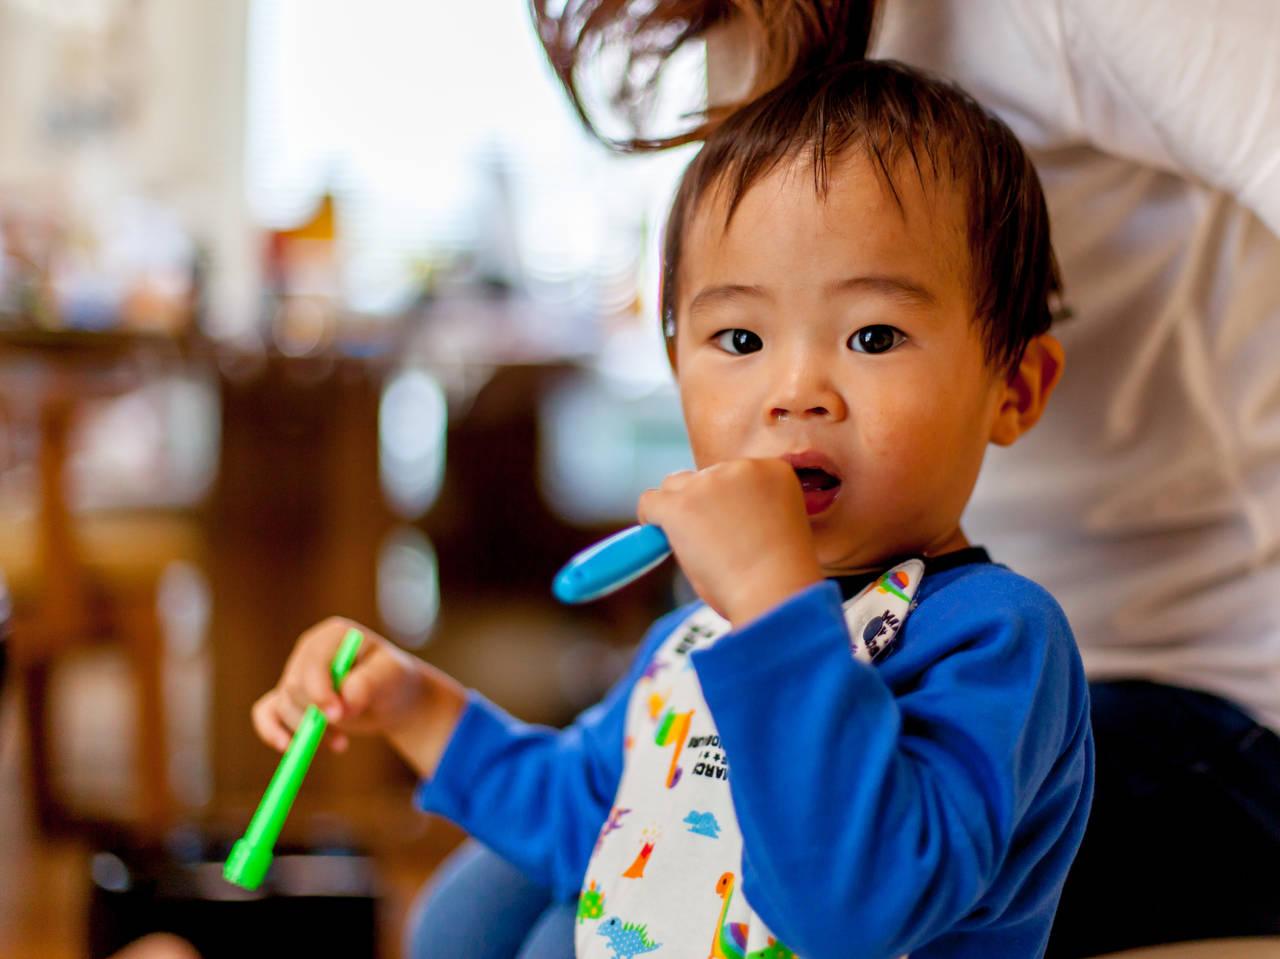 子どもの冬パジャマを選ぼう!選び方や注意点、おすすめ商品を紹介